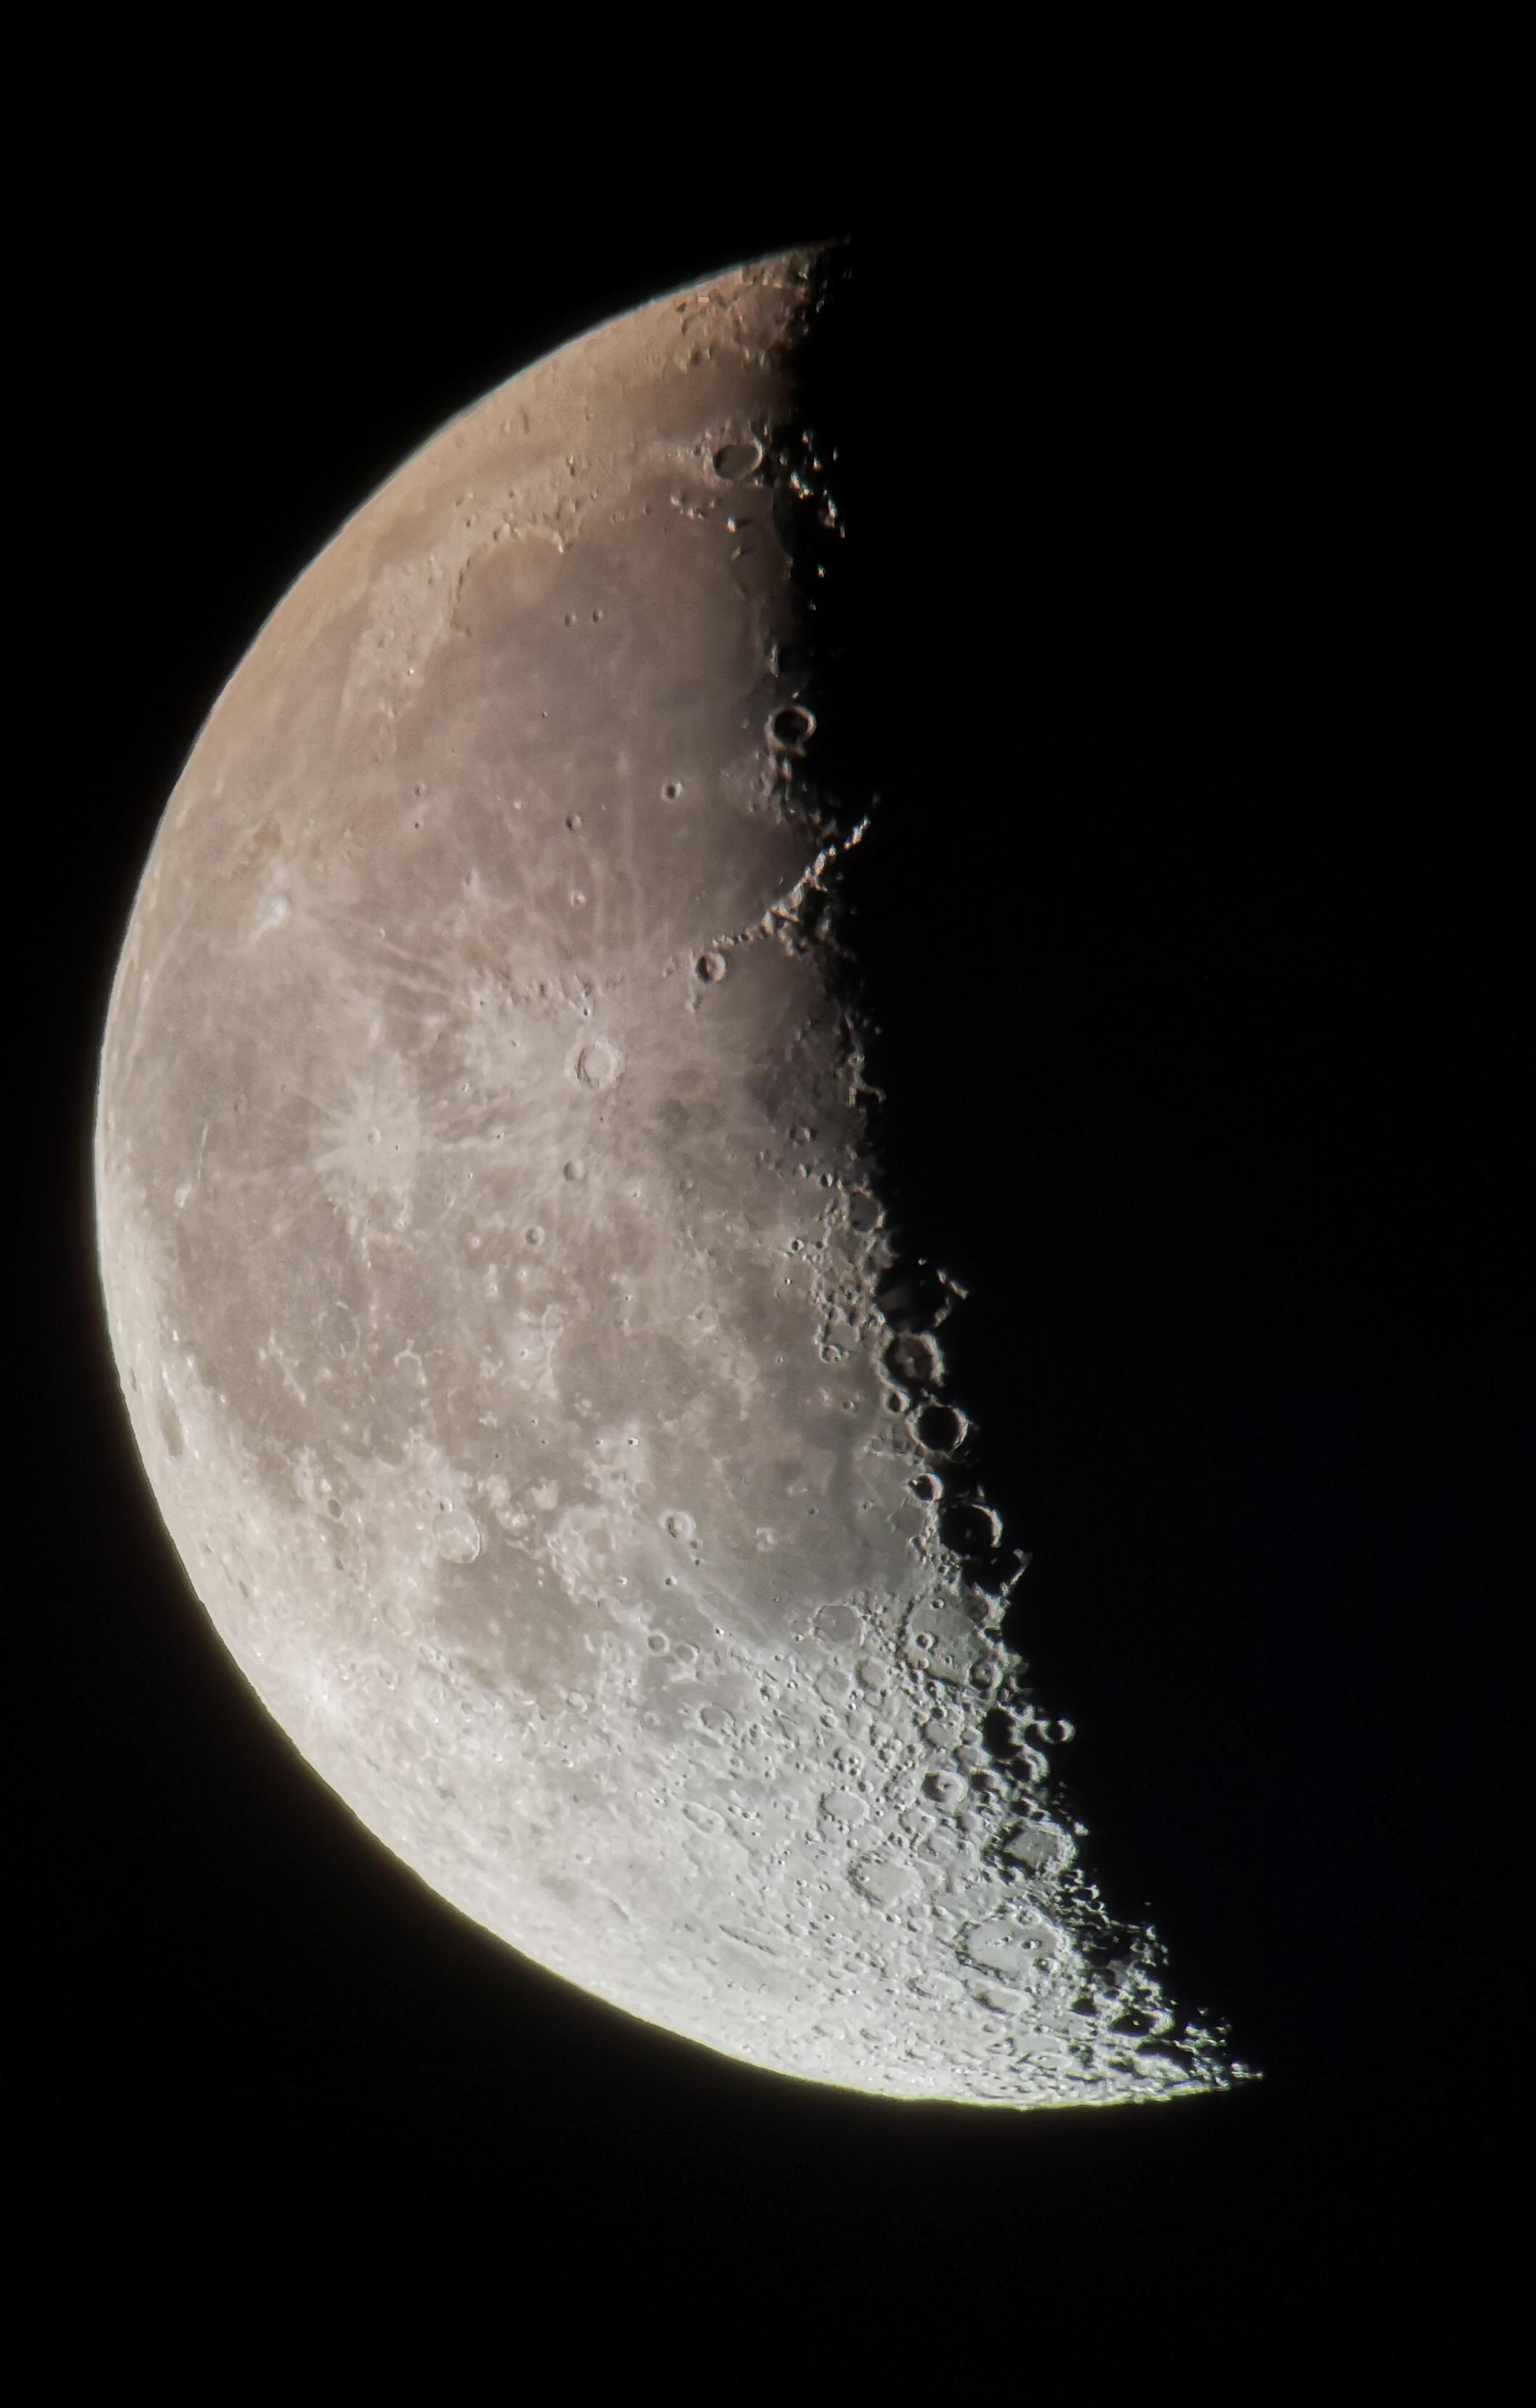 Lune_20190227_065459_décroissante.jpg